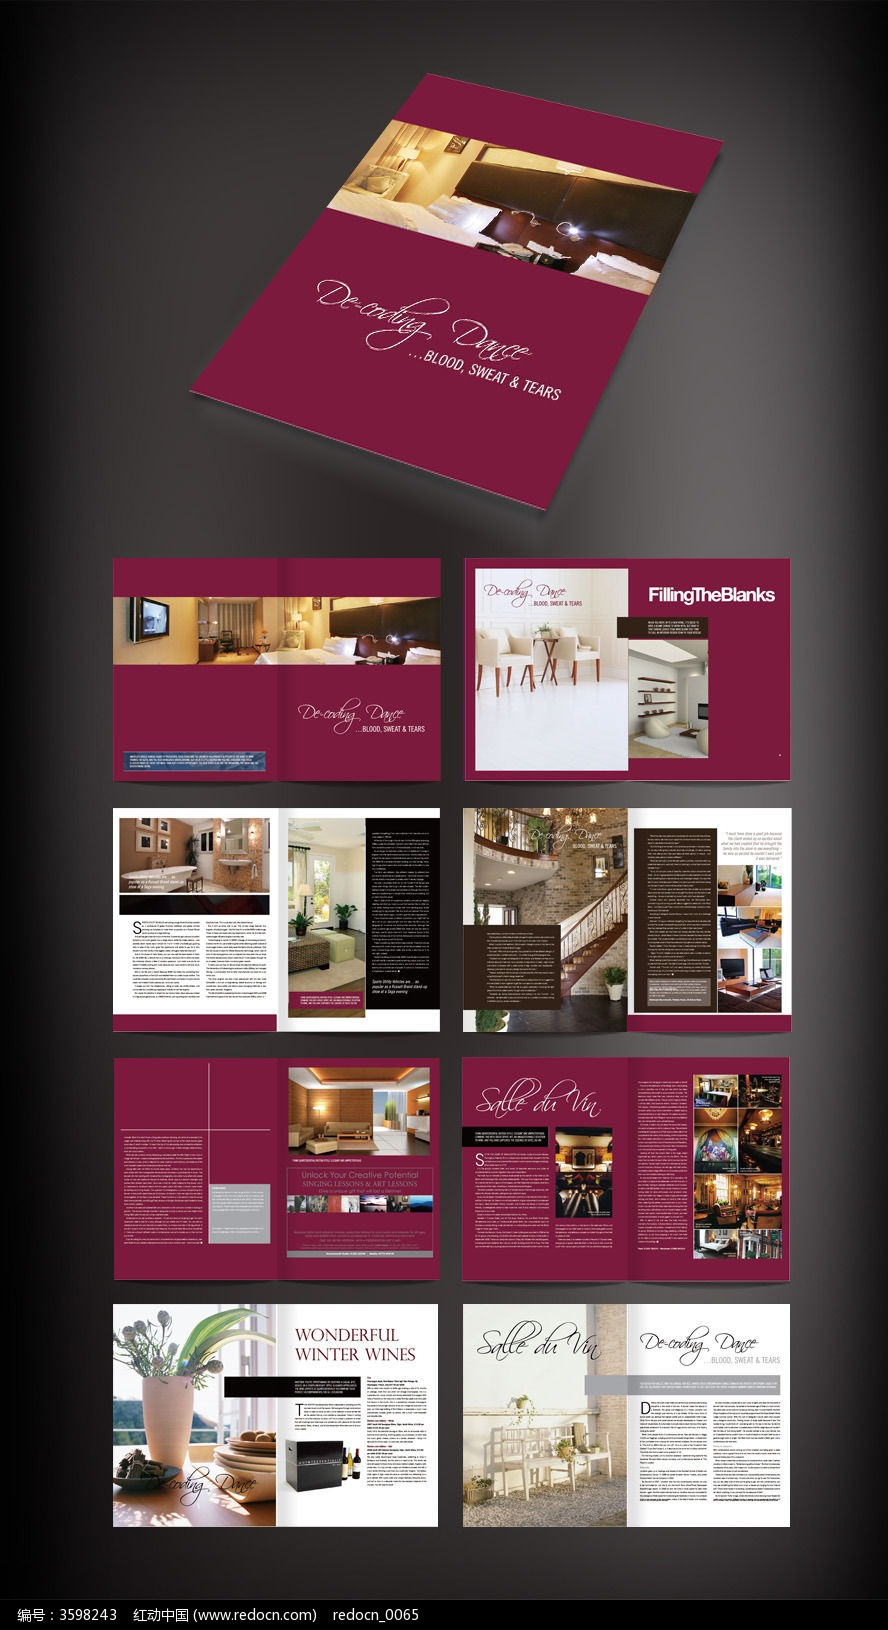 原创设计稿 画册设计/书籍/菜谱 企业画册 宣传画册 家居画册版式设计图片